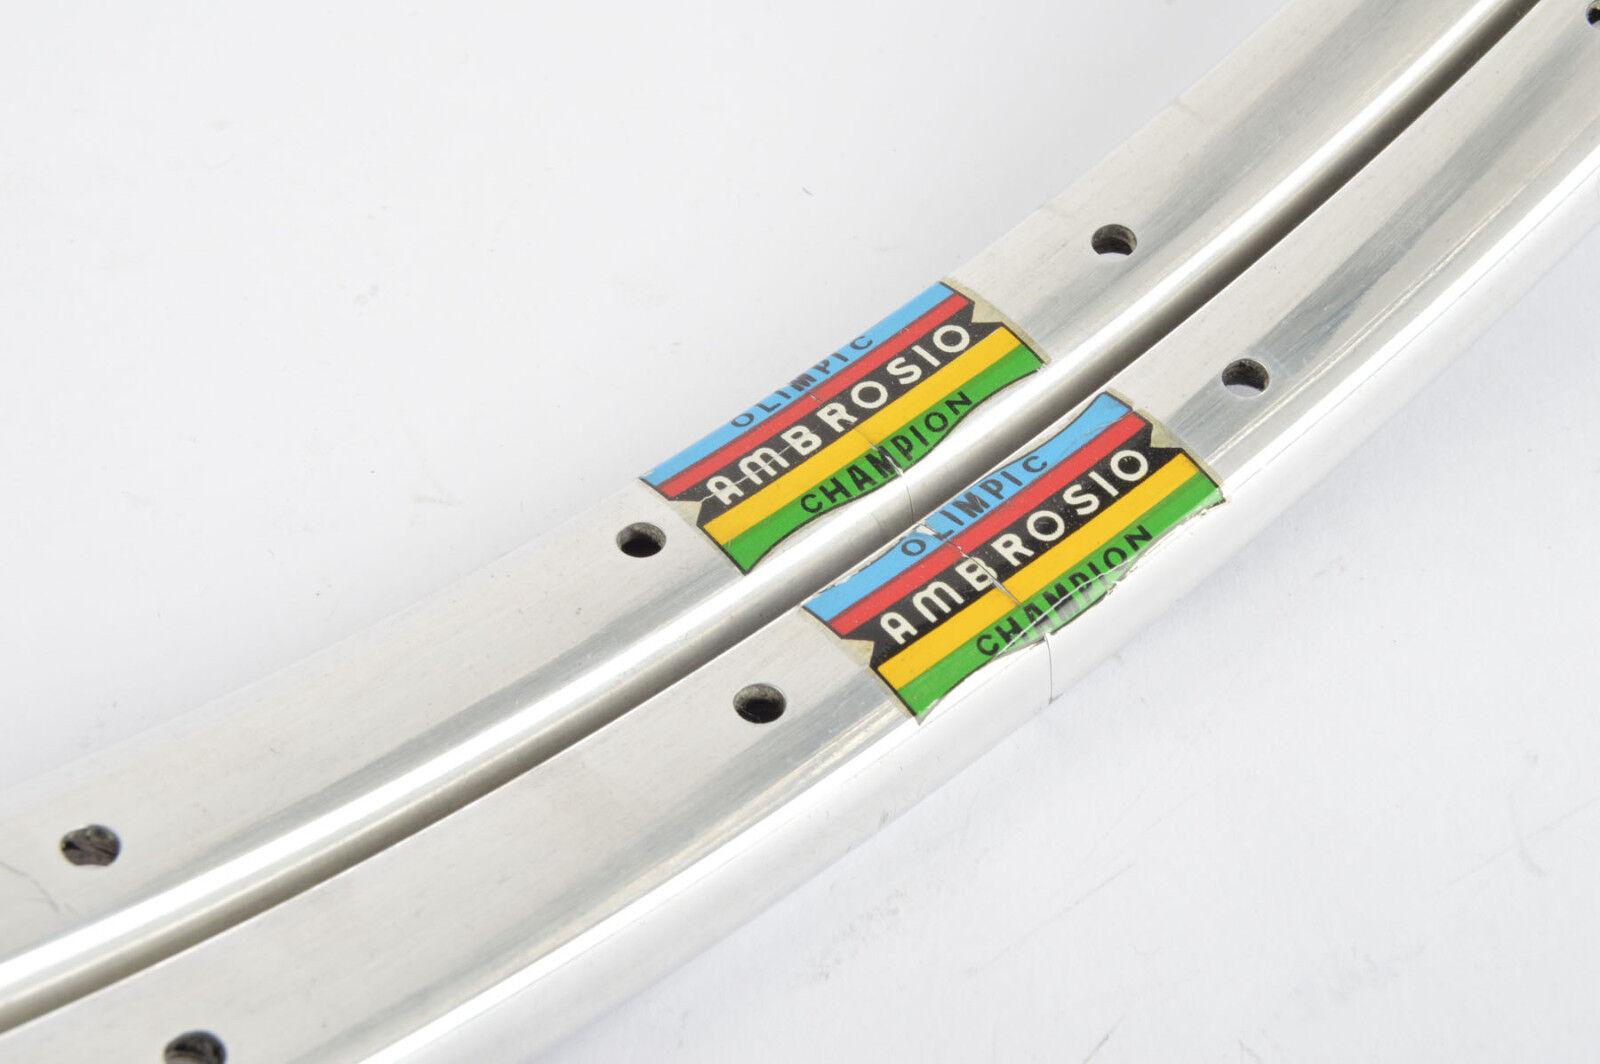 NOS Ambrosio Olimpic Champion Tubular Rim Set 20 inch 508mm with 28 holes